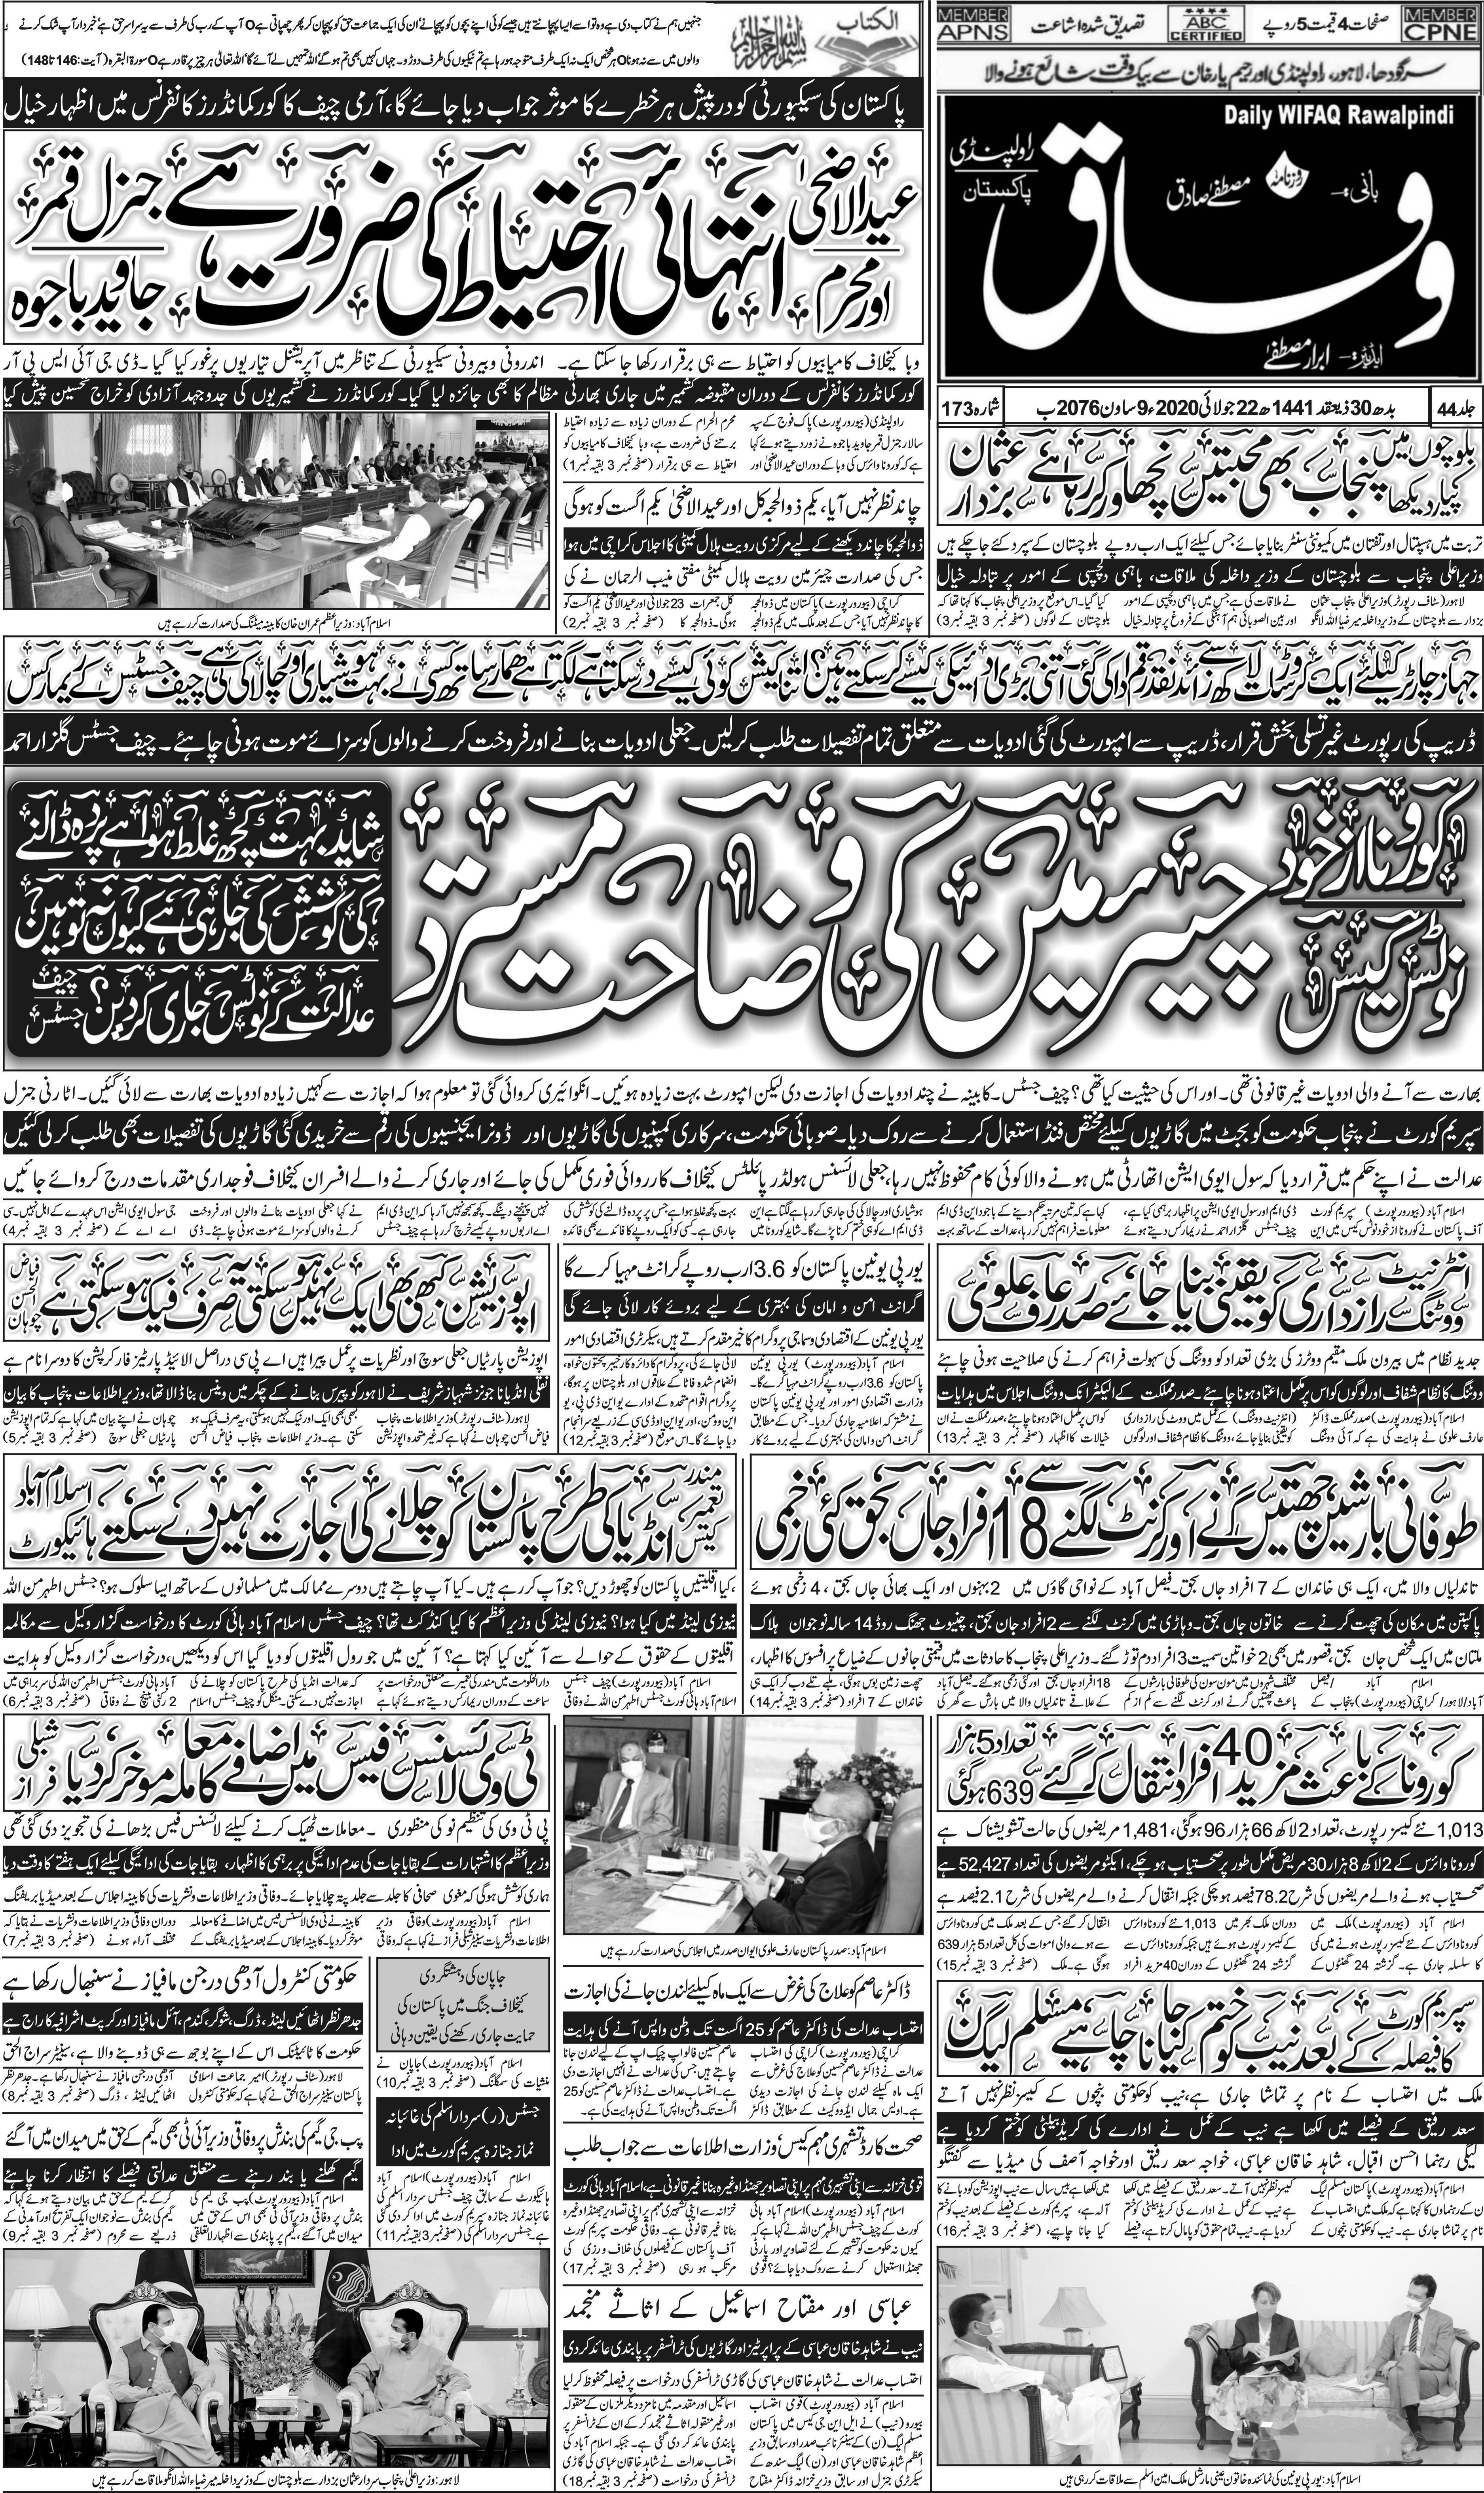 e-Paper – Daily Wifaq – Rawalpindi – 22-07-2020